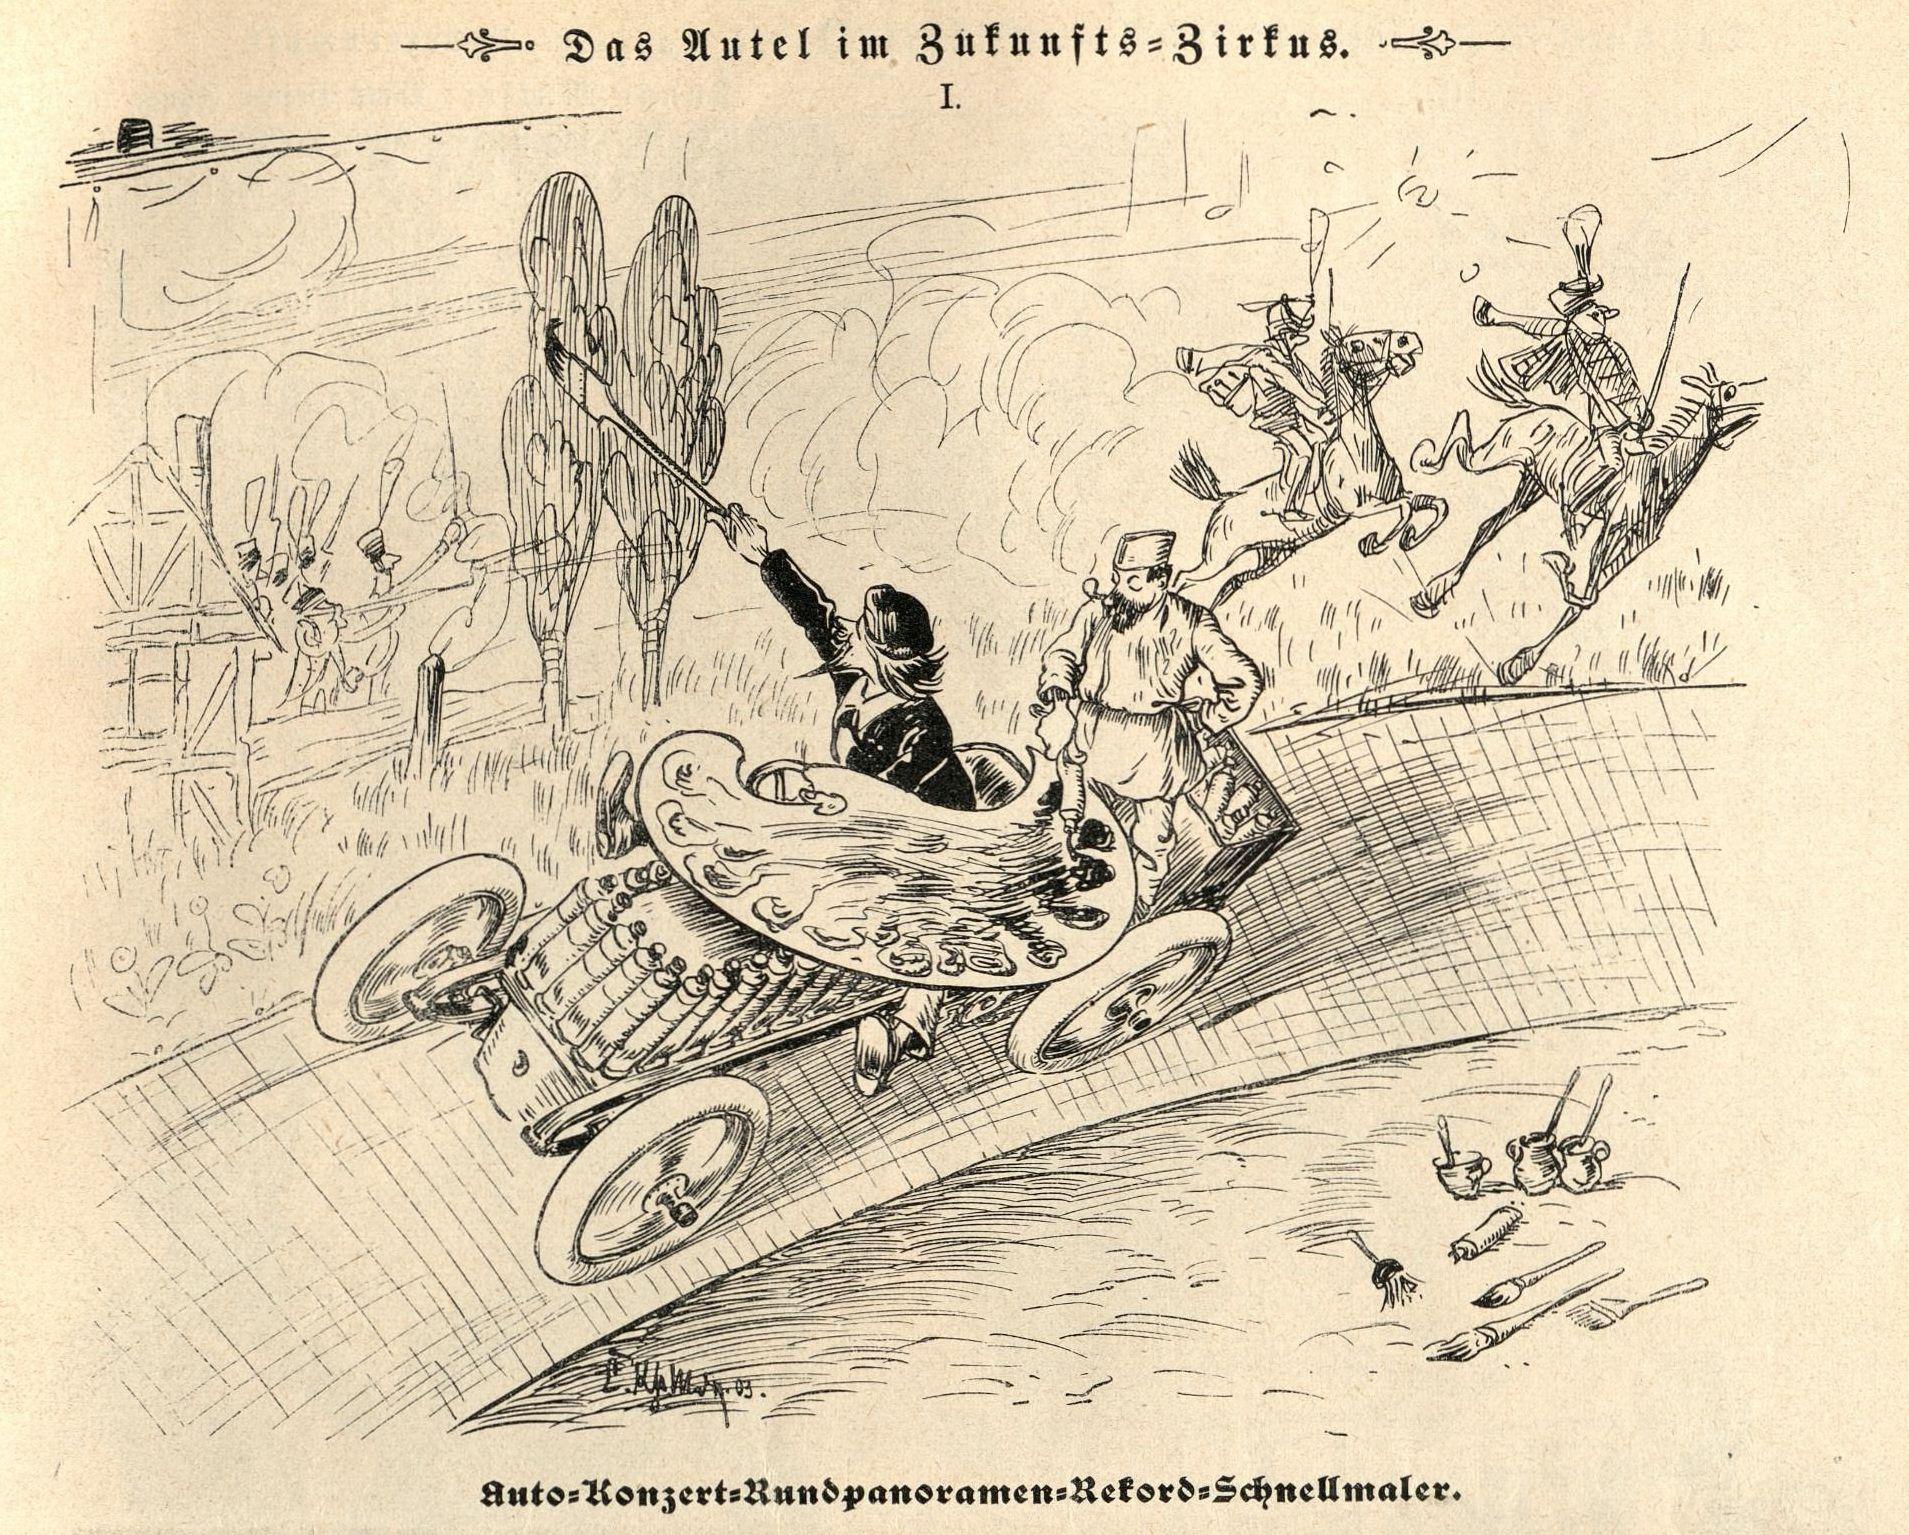 Bild: Auto-Konzert-Rundpanoramen-Rekord-Schnellmaler